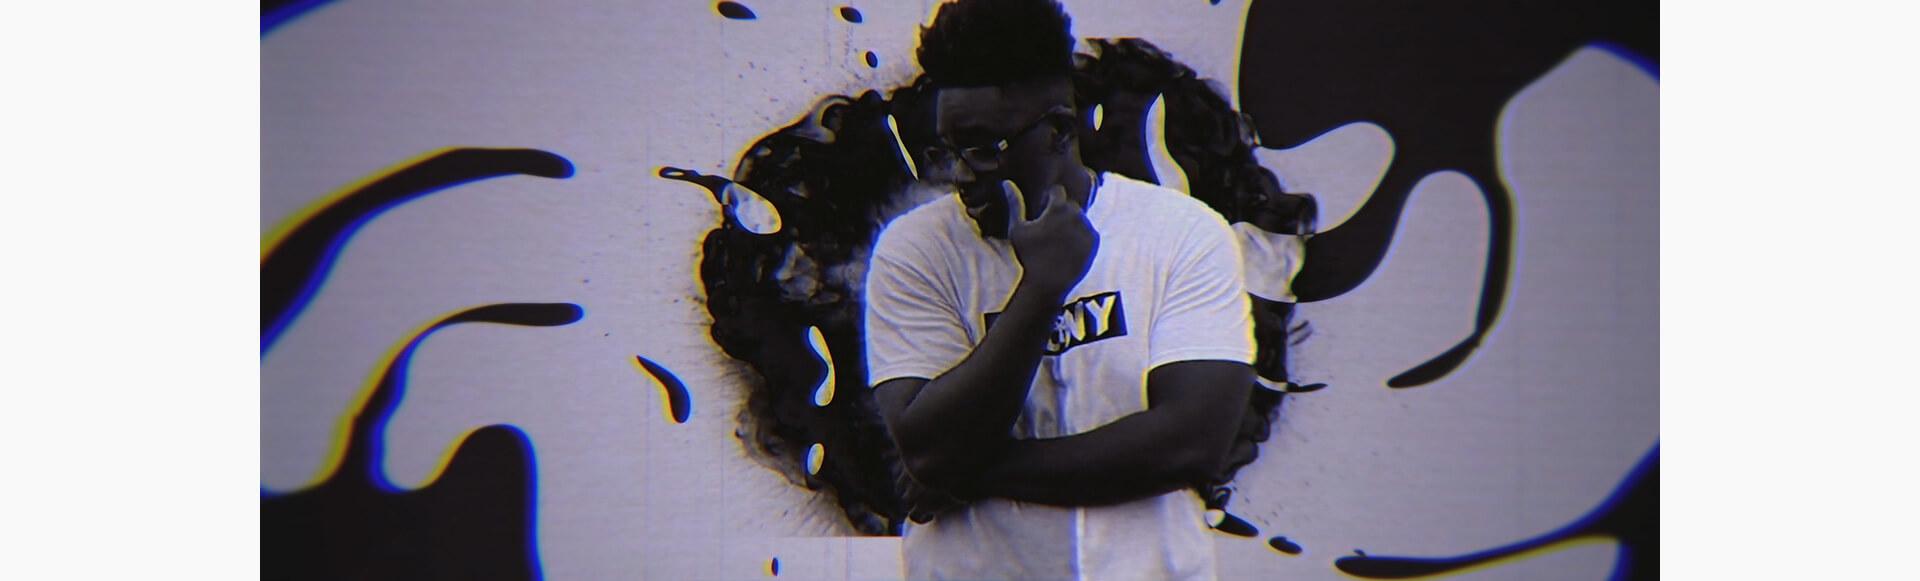 That_FAST_Gucci_SEMPLICE_WB_01_19